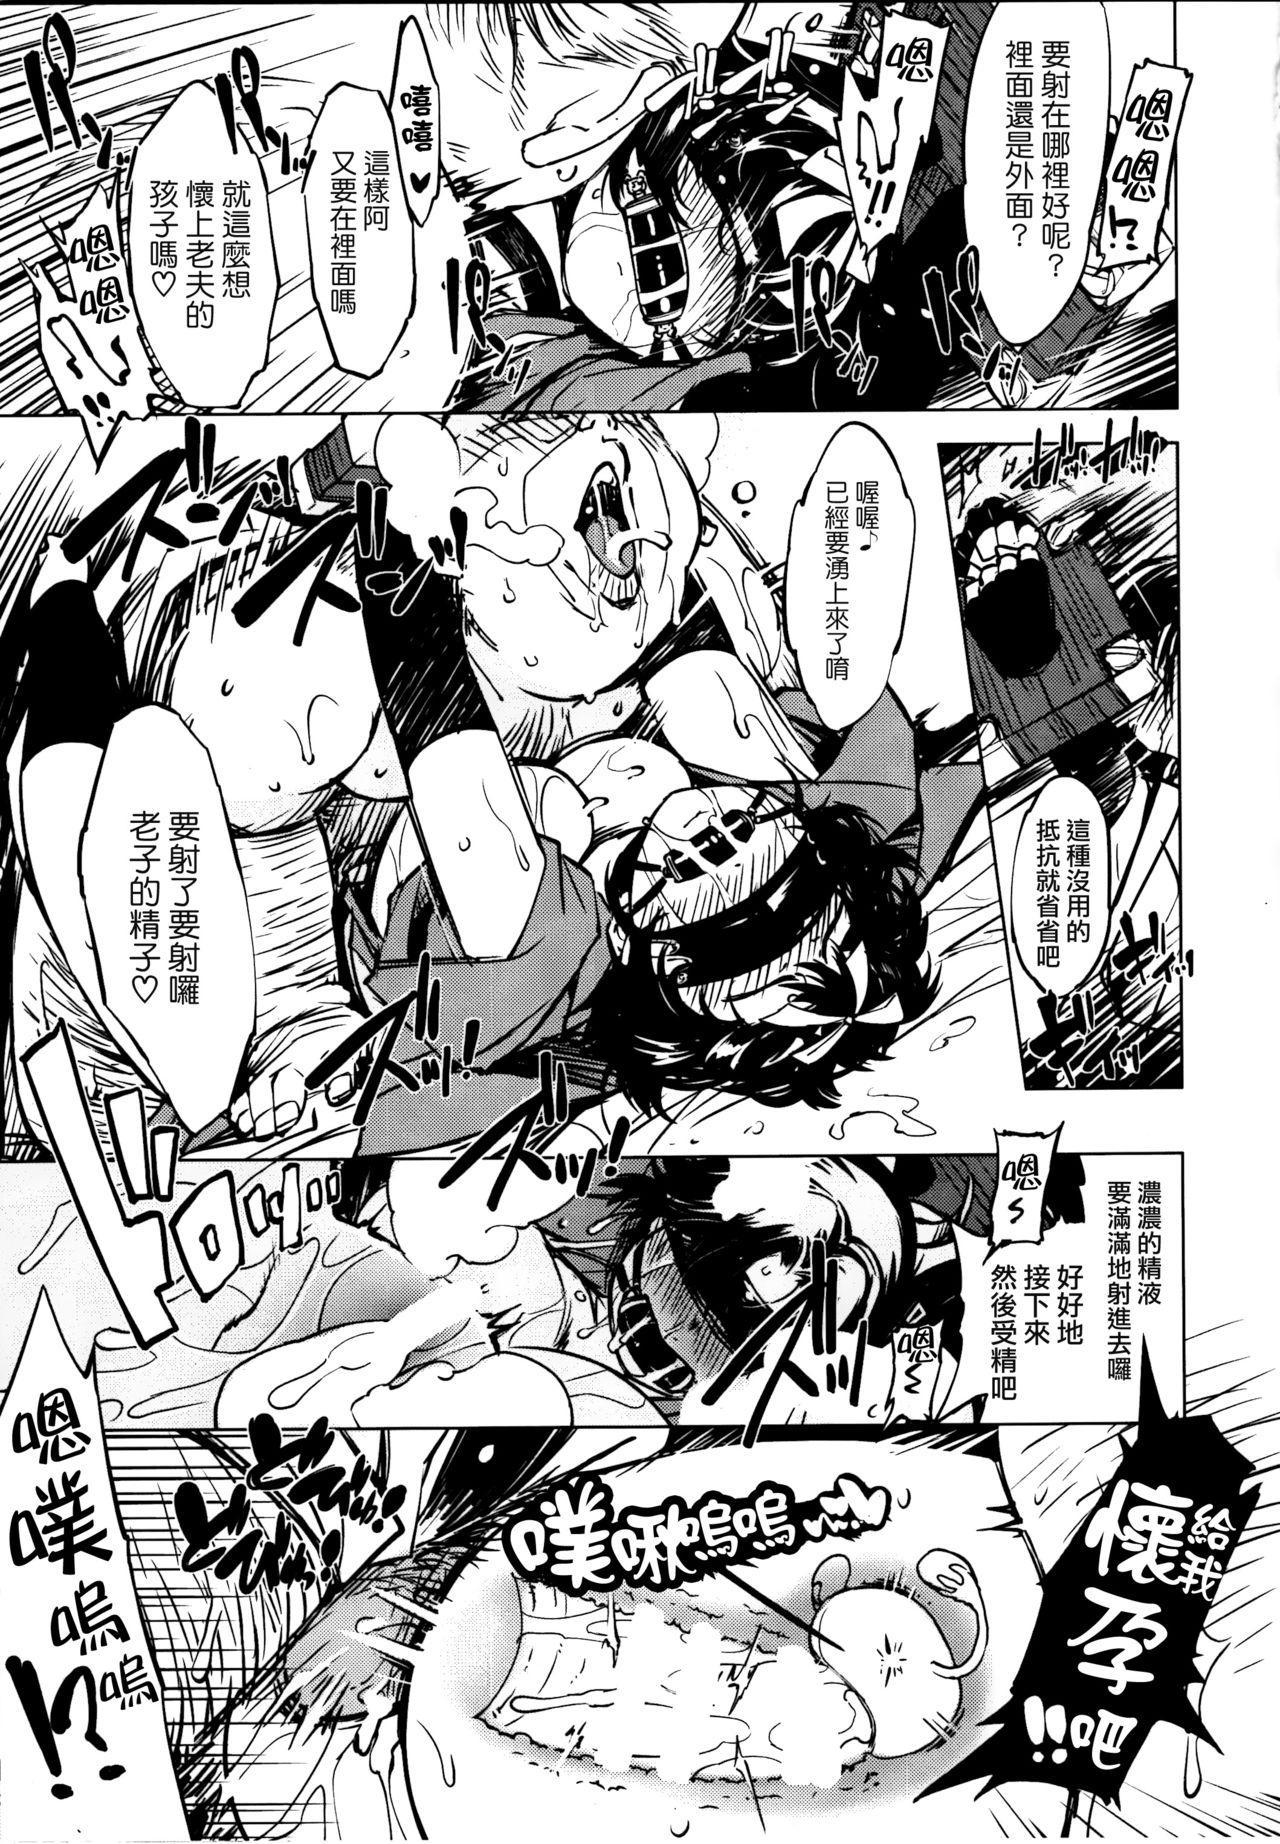 Kanraku! Onigashima 3